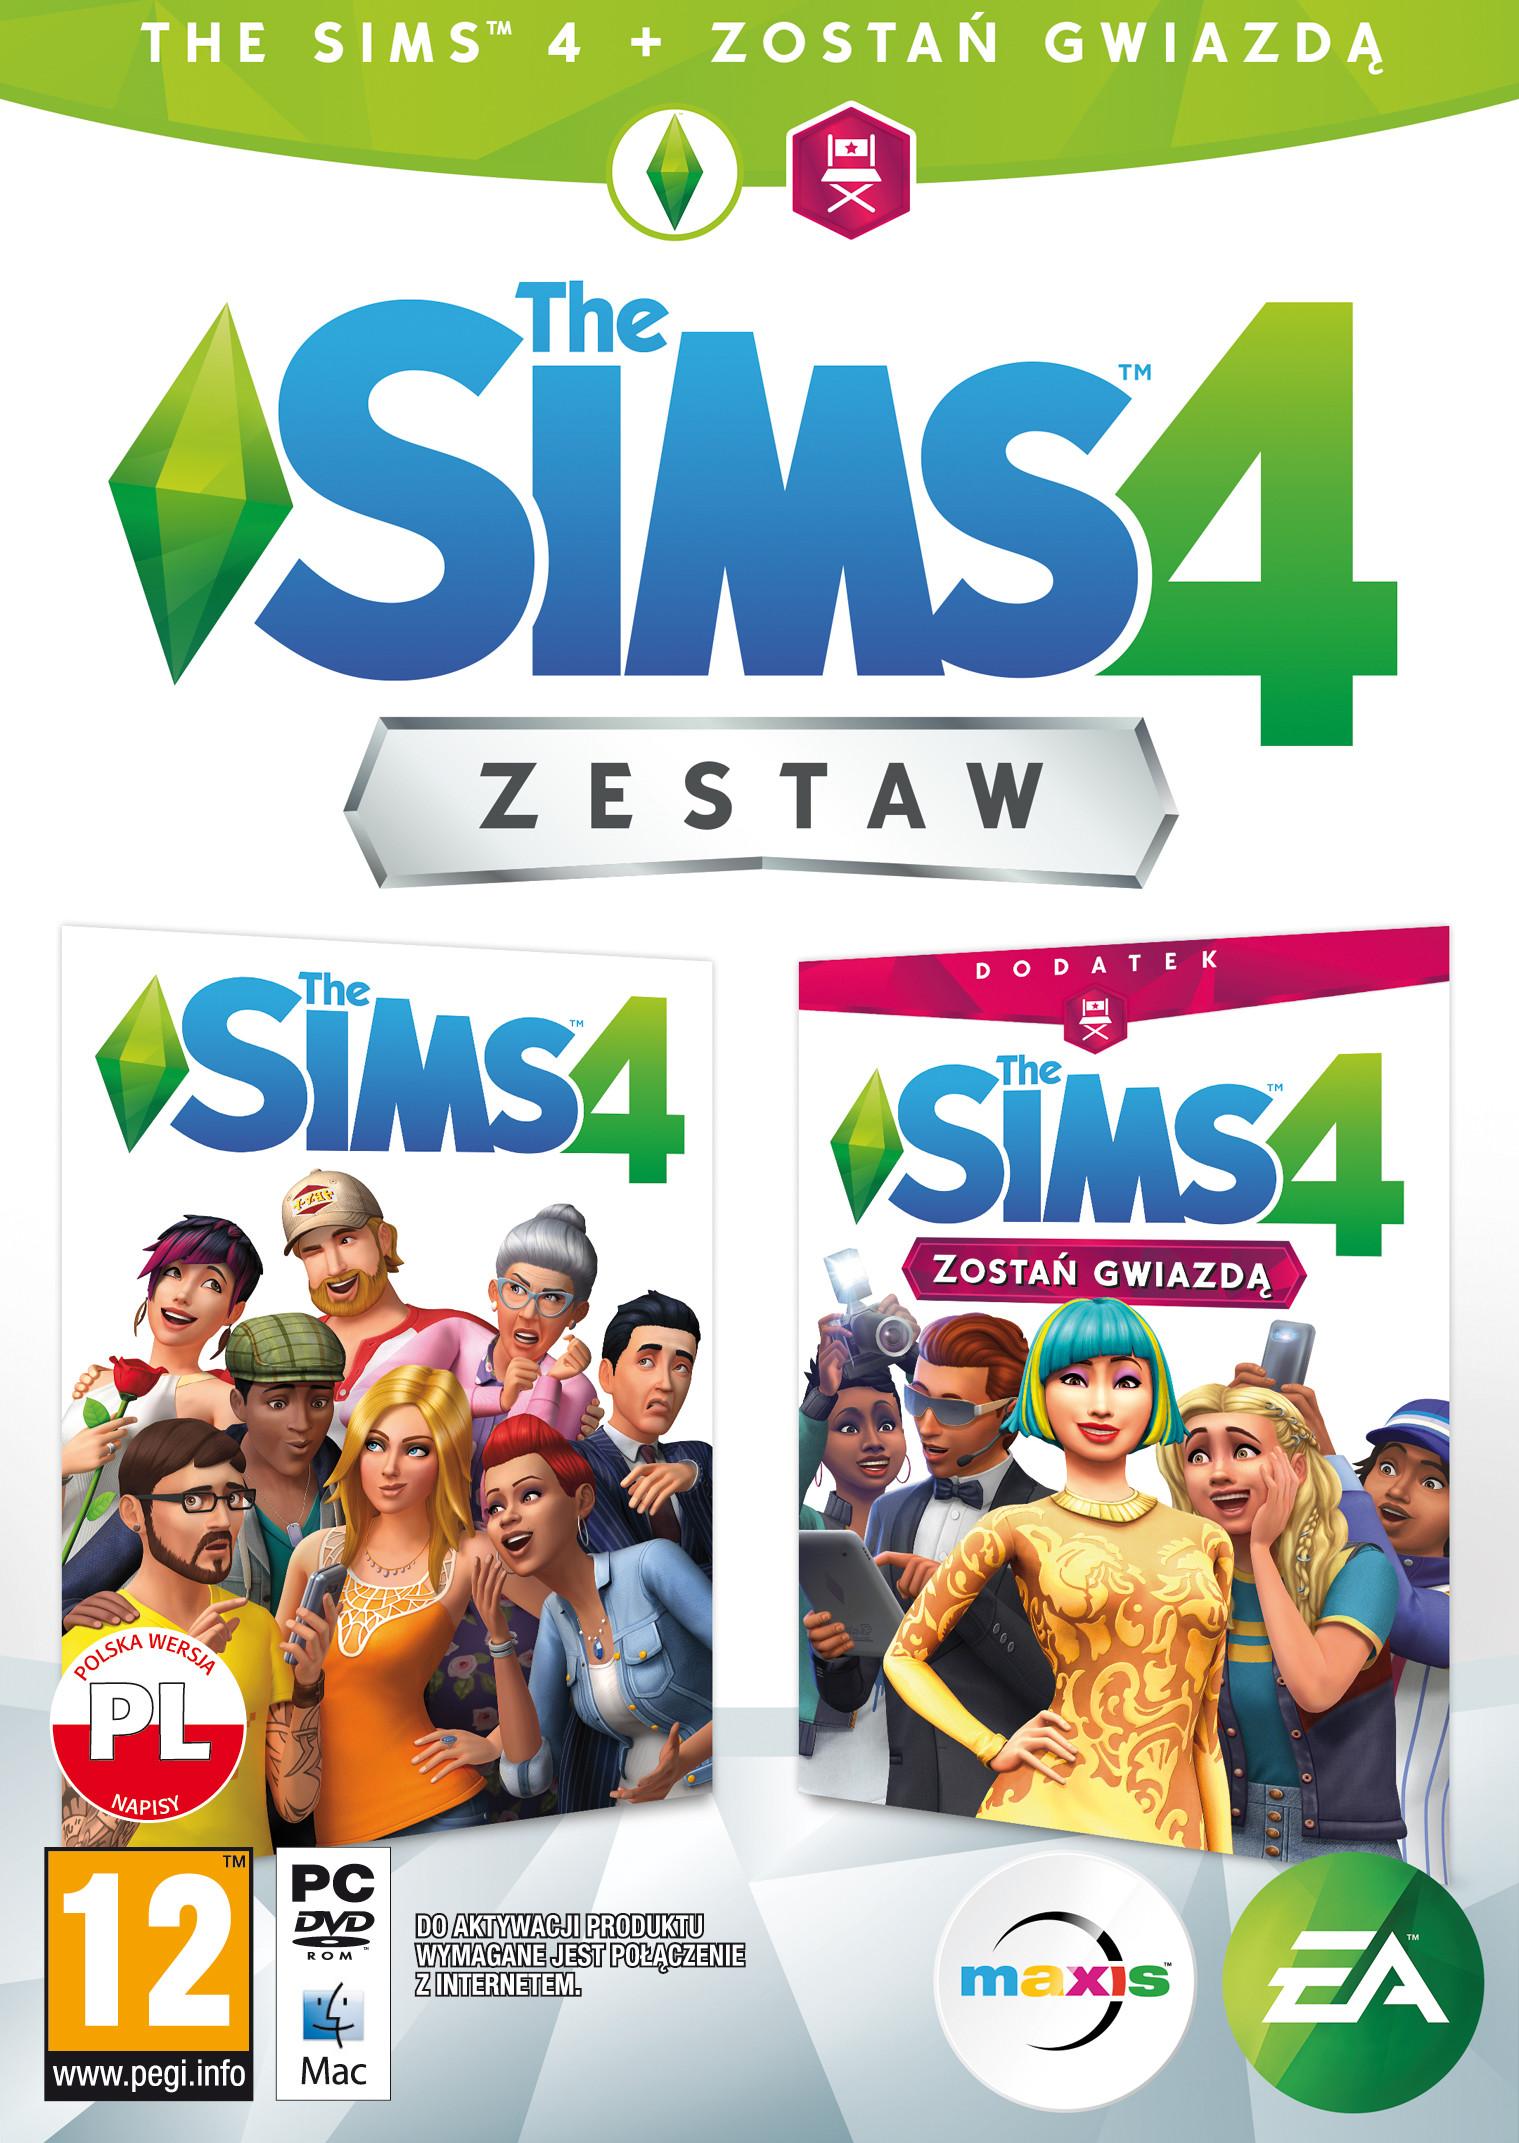 The Sims 4 + Sims 4 Zostań Gwiadą ZESTAW PC